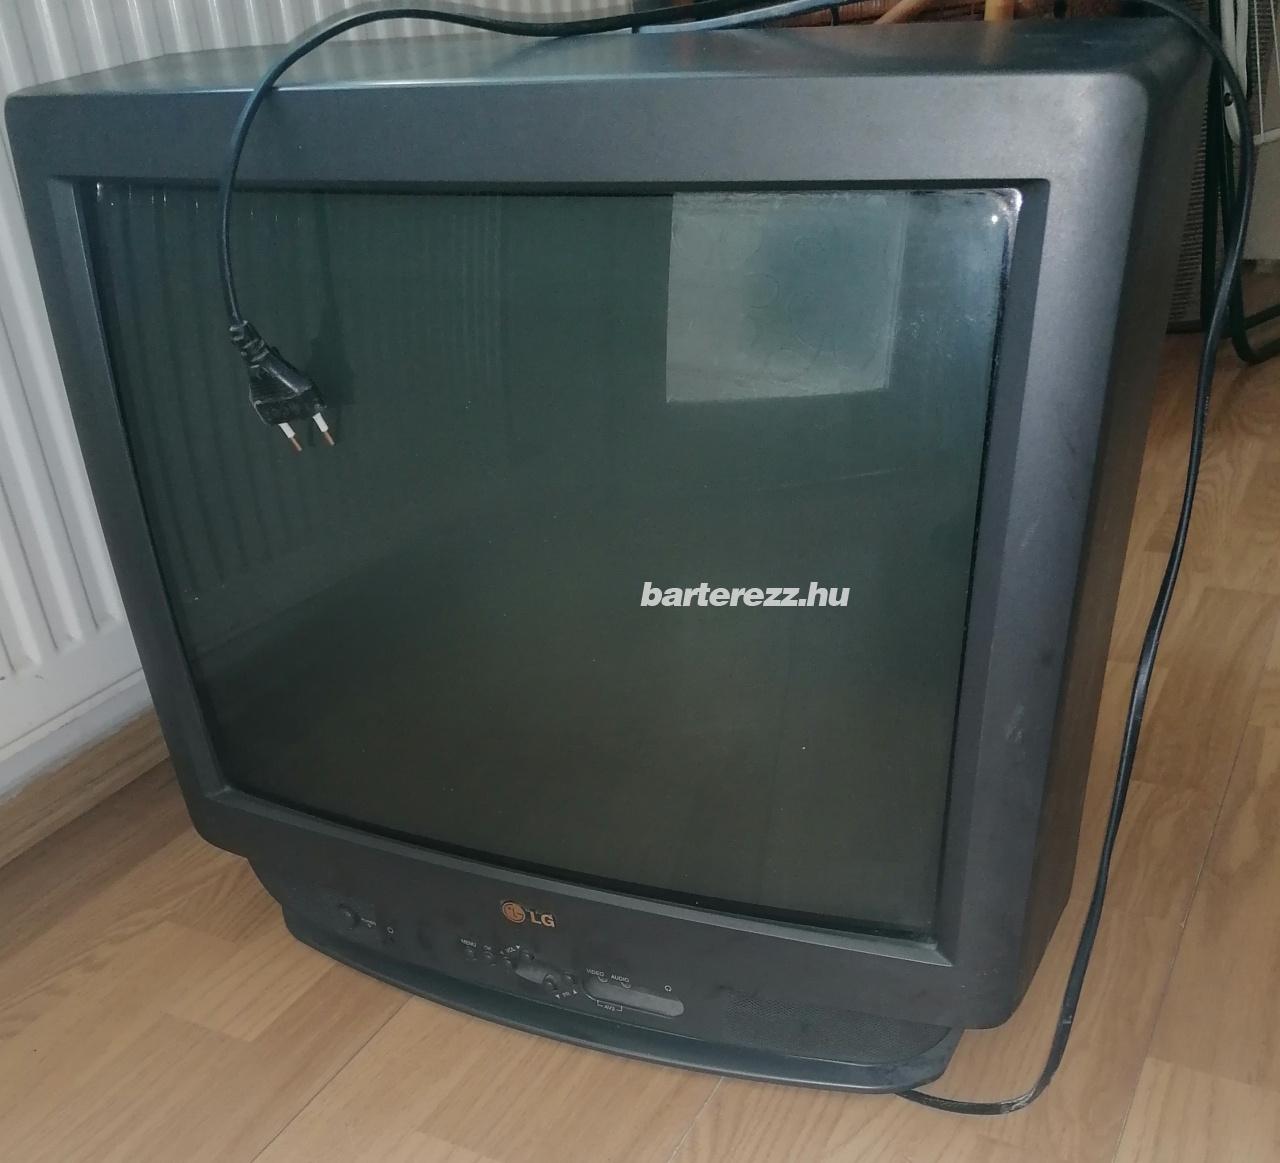 Tv Lg tv eladó 2 db 51 cm átló működik db ja 7000